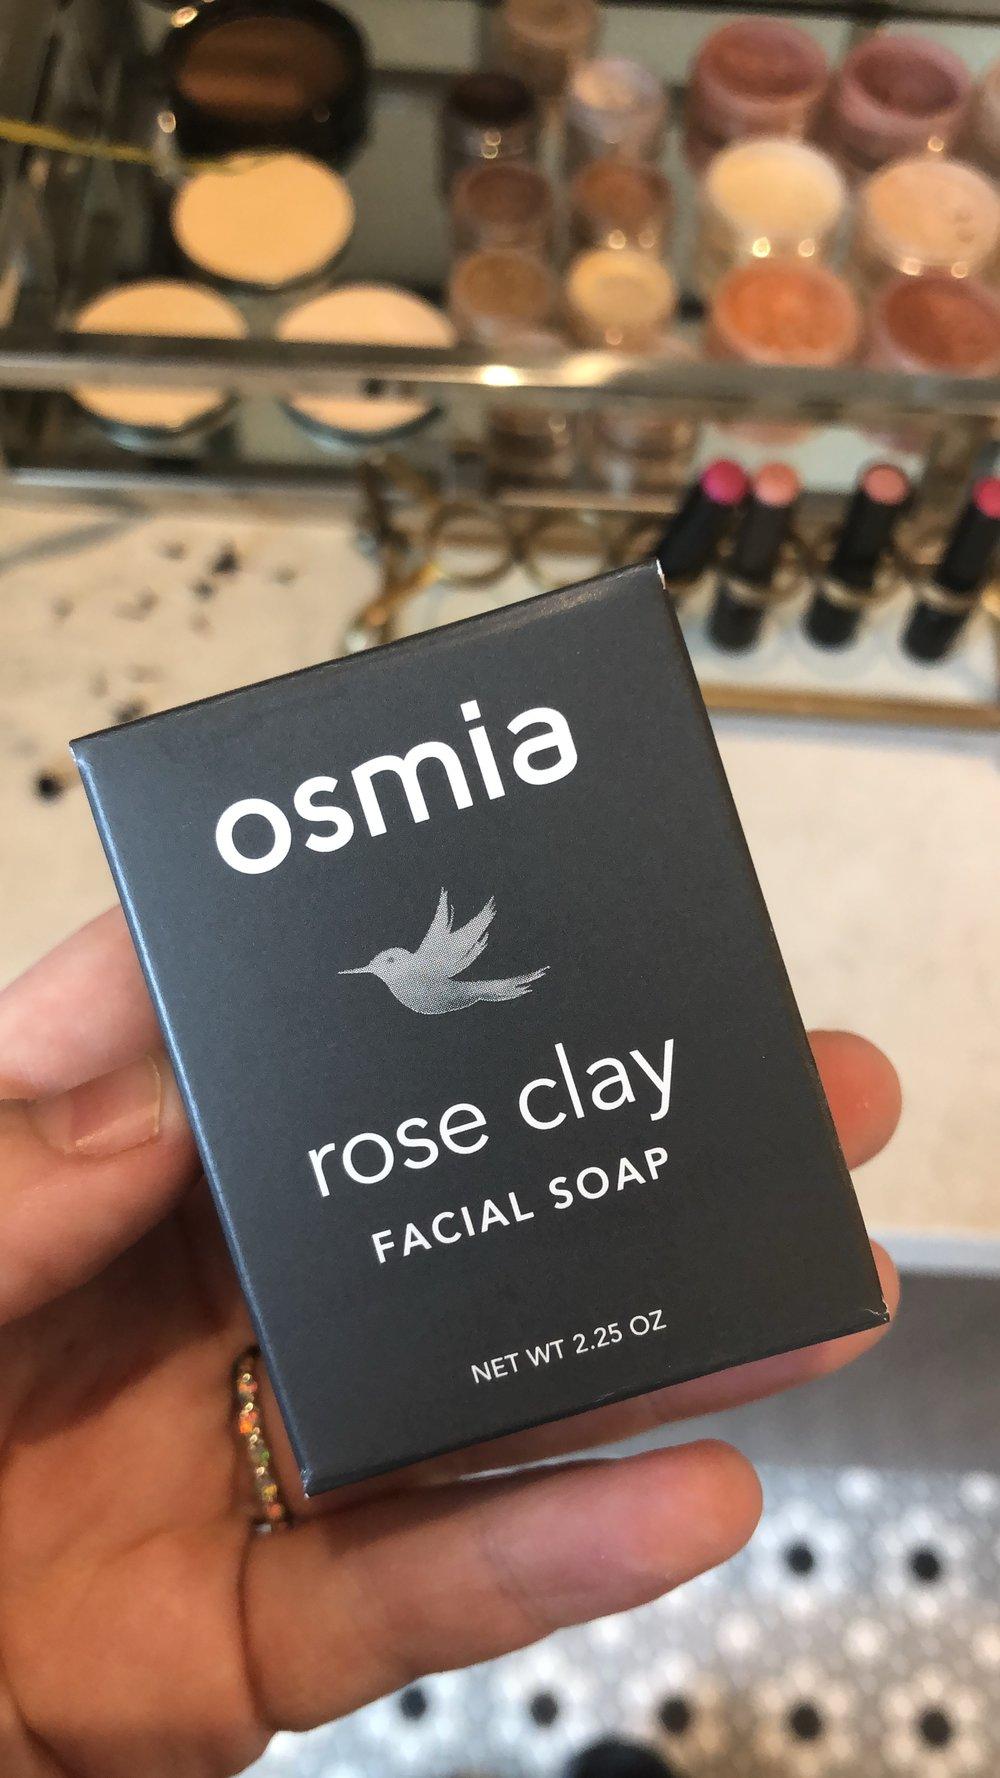 thatveganwife-cruelty-free-beauty-products-osmia-organics-rose-clay-facial-soap.JPG